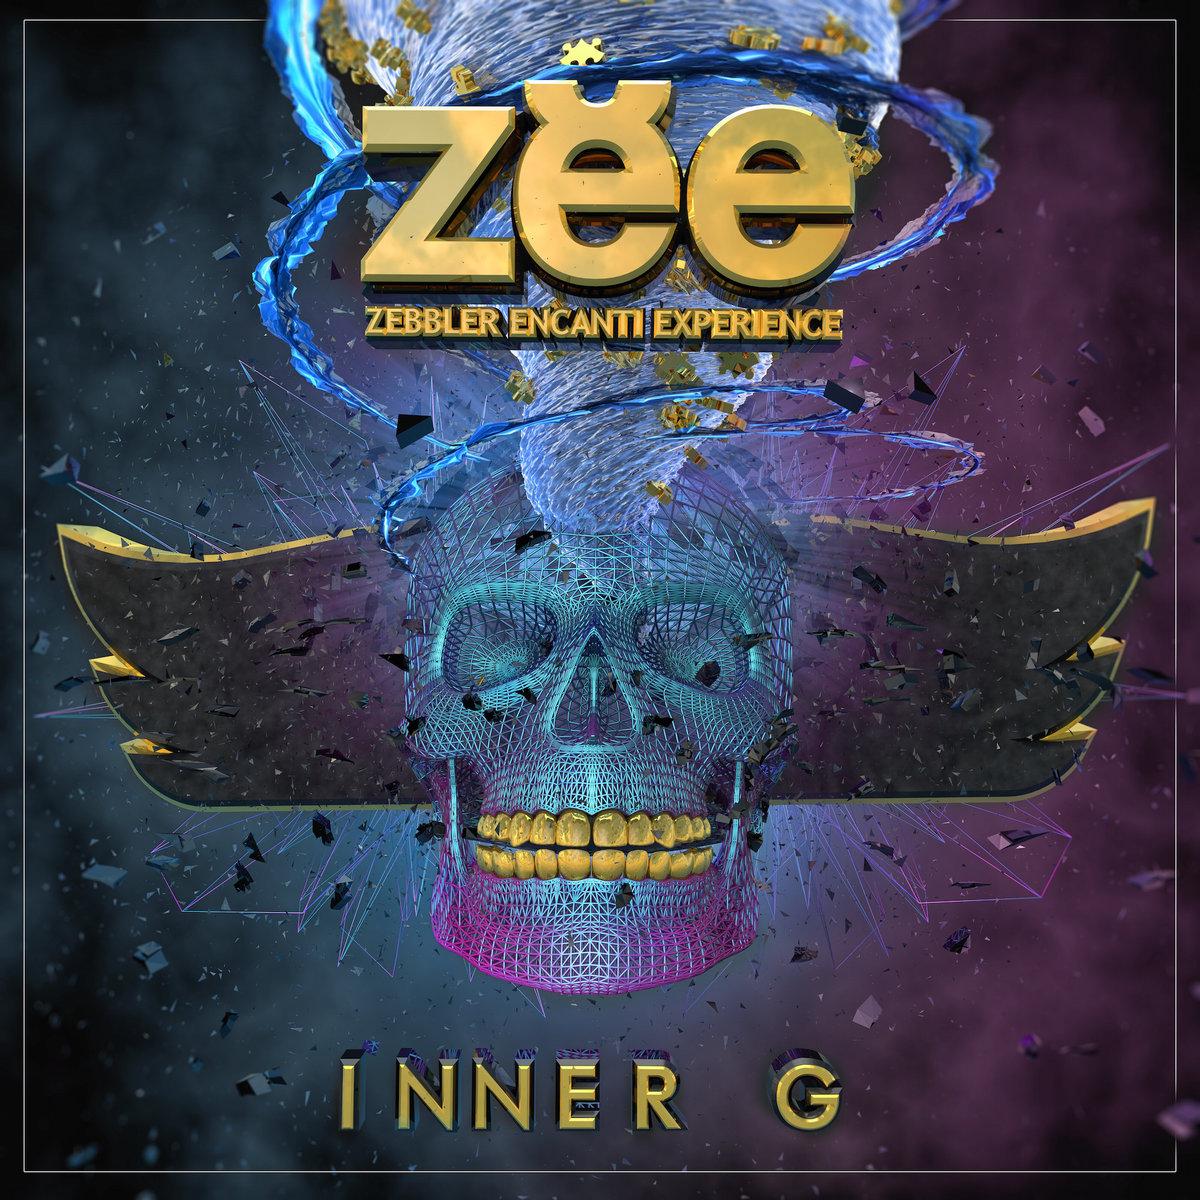 Zebbler Encanti Experience - Manifest That Shit @ 'Inner G' album (psycehdelic, dubstep)